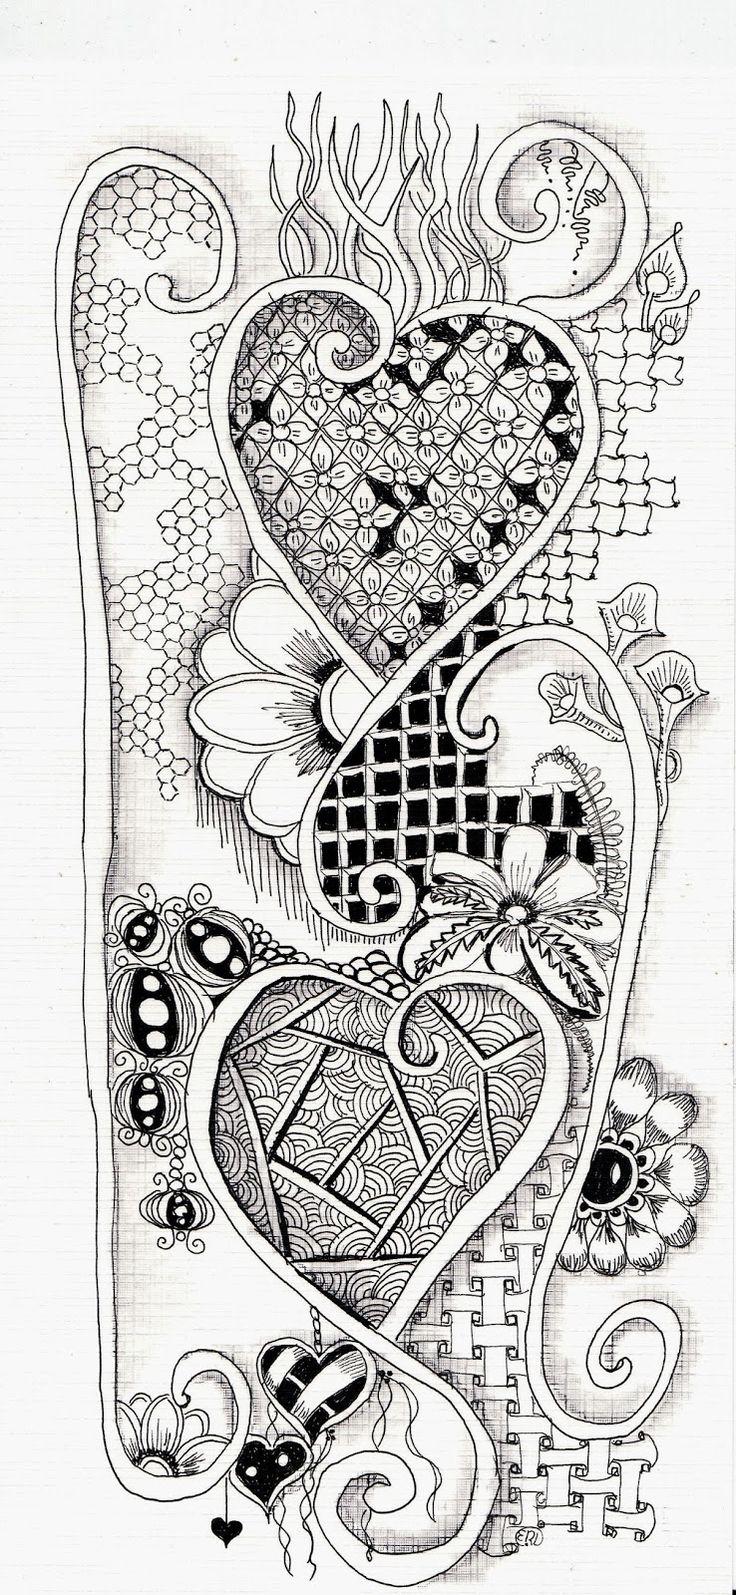 mijn creatie's (ze zijn niet nieuw en al eens vaker getoond)